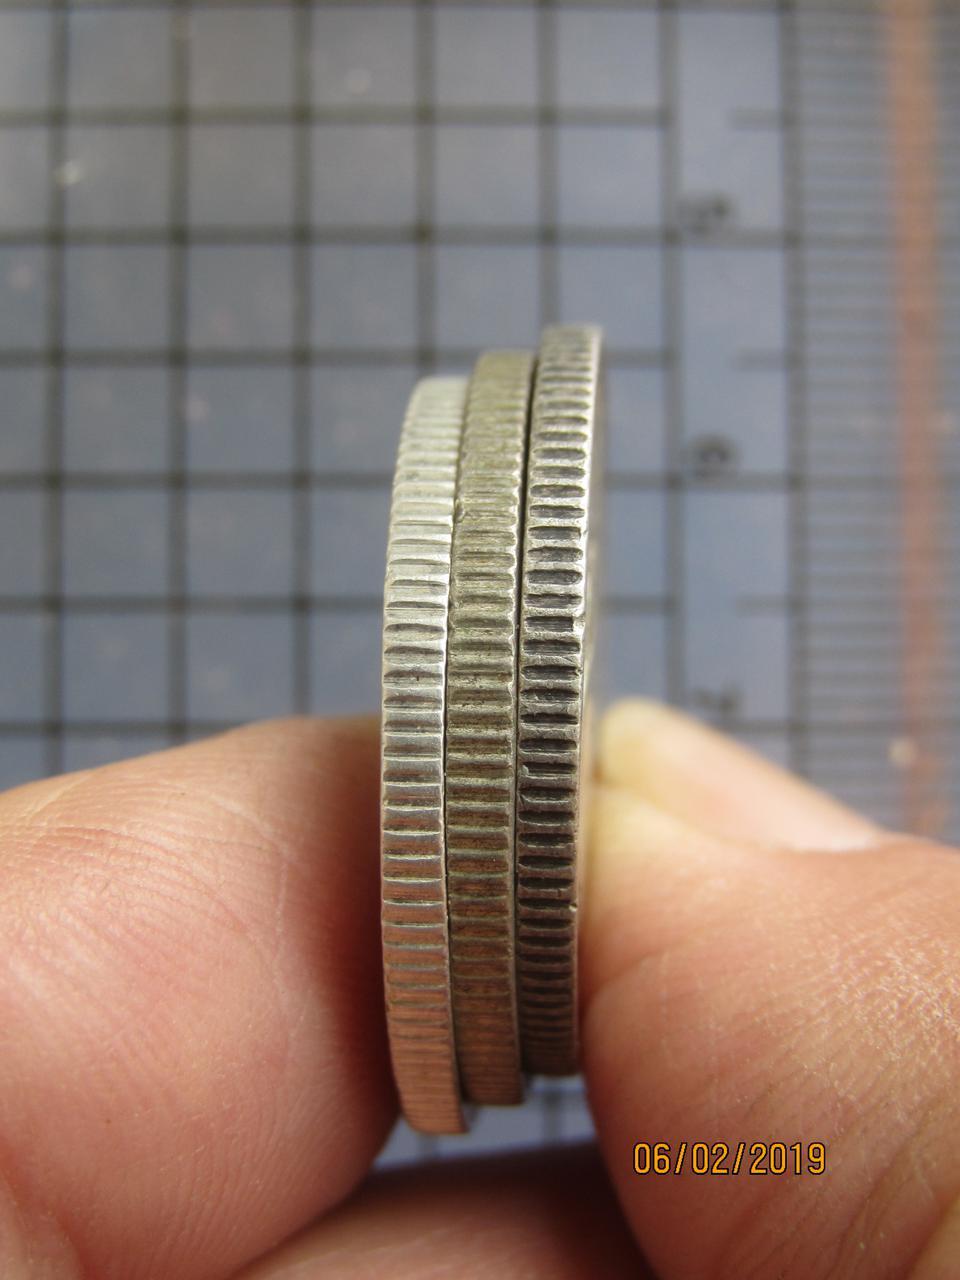 5239 เหรียญร.6 เนื้อเงิน(50สตางค์) พระบรมรูป-ตราไอราพต ปี 24 รูปที่ 1